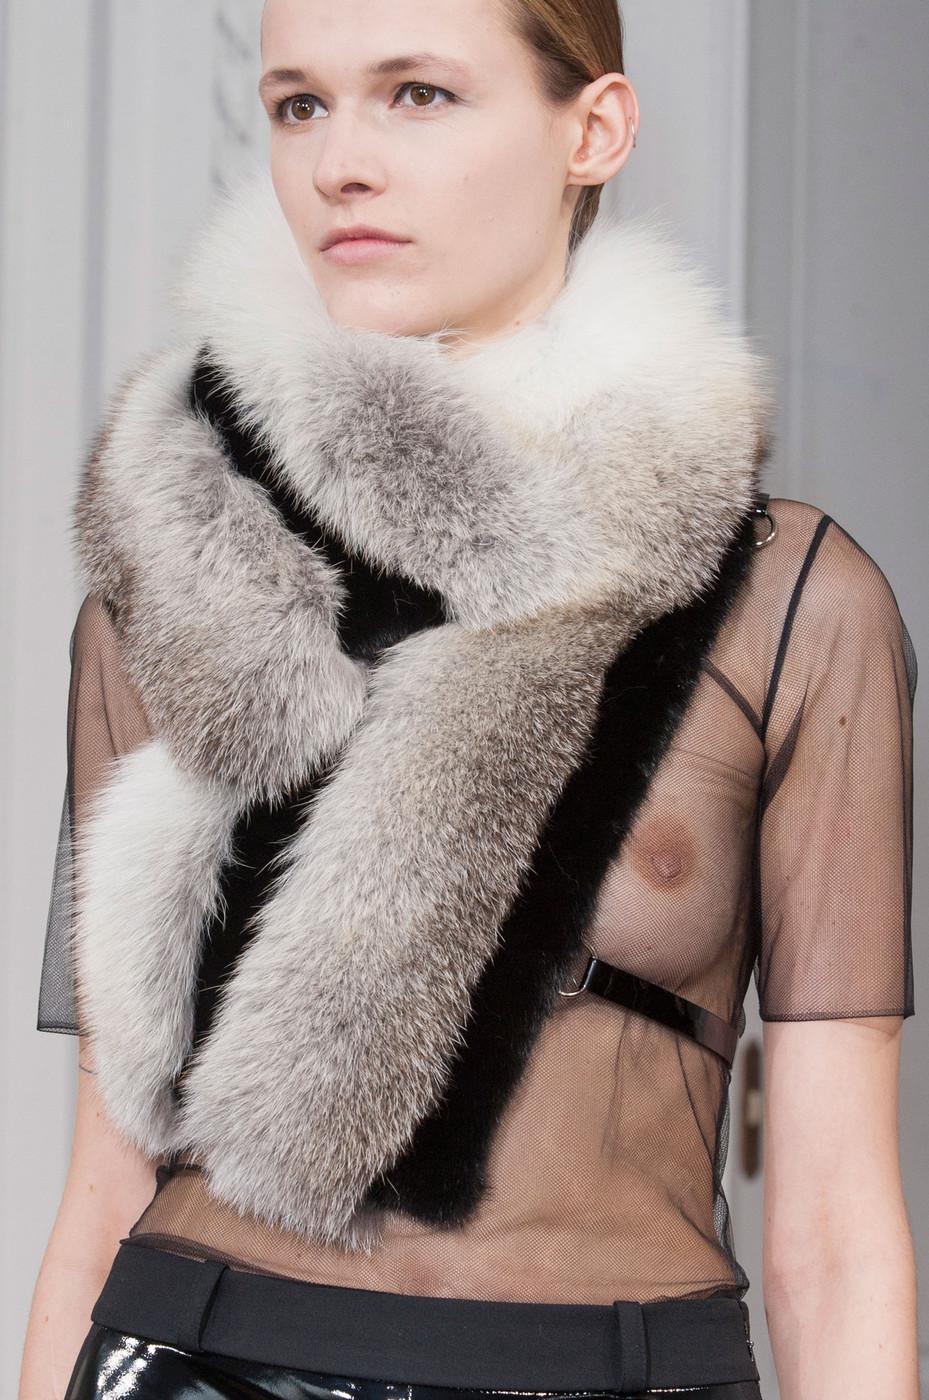 【透け乳首エロ画像】プロは隠さない!海外モデルの乳首丸見えショーwww 14